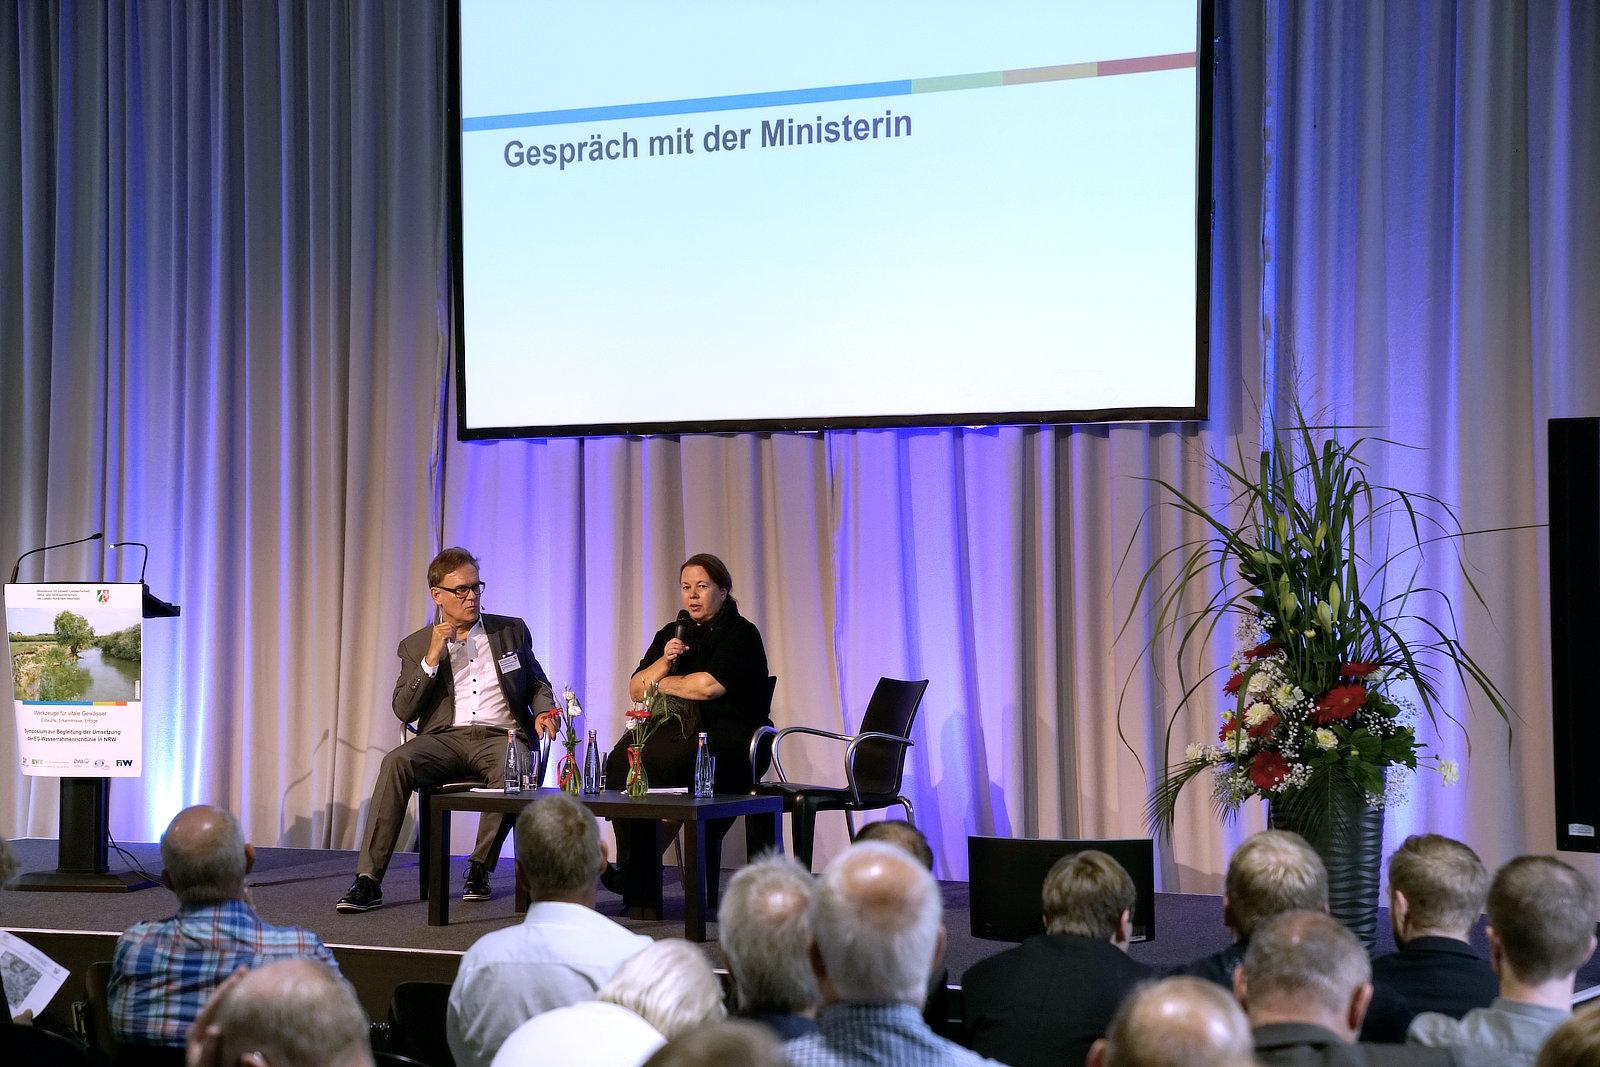 Gespräch mit Ministerin Heinen-Esser